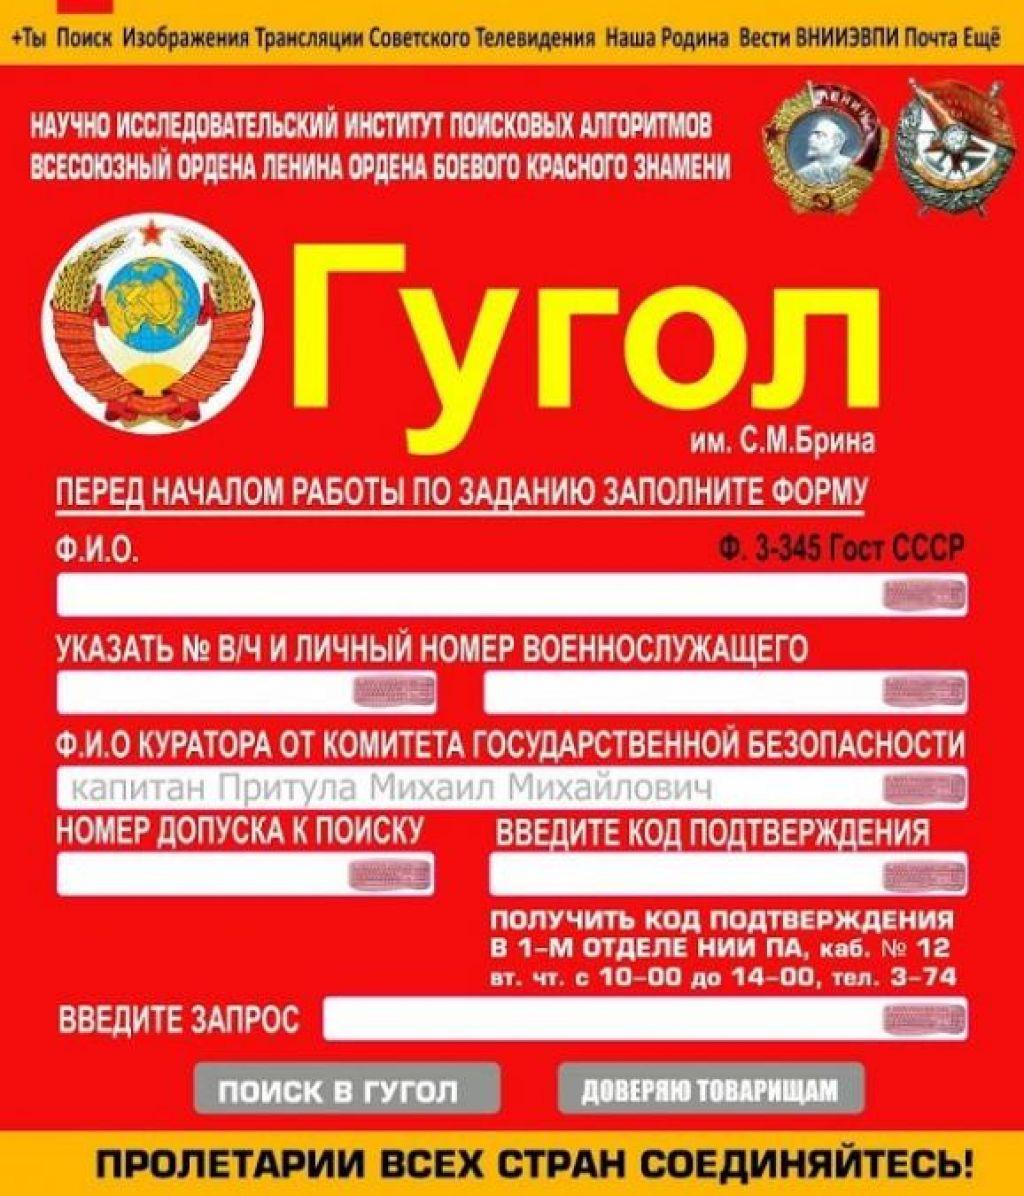 """Российских чиновников хотят наказывать за закупку иностранного программного обеспечения, - """"Коммерсантъ"""" - Цензор.НЕТ 5816"""